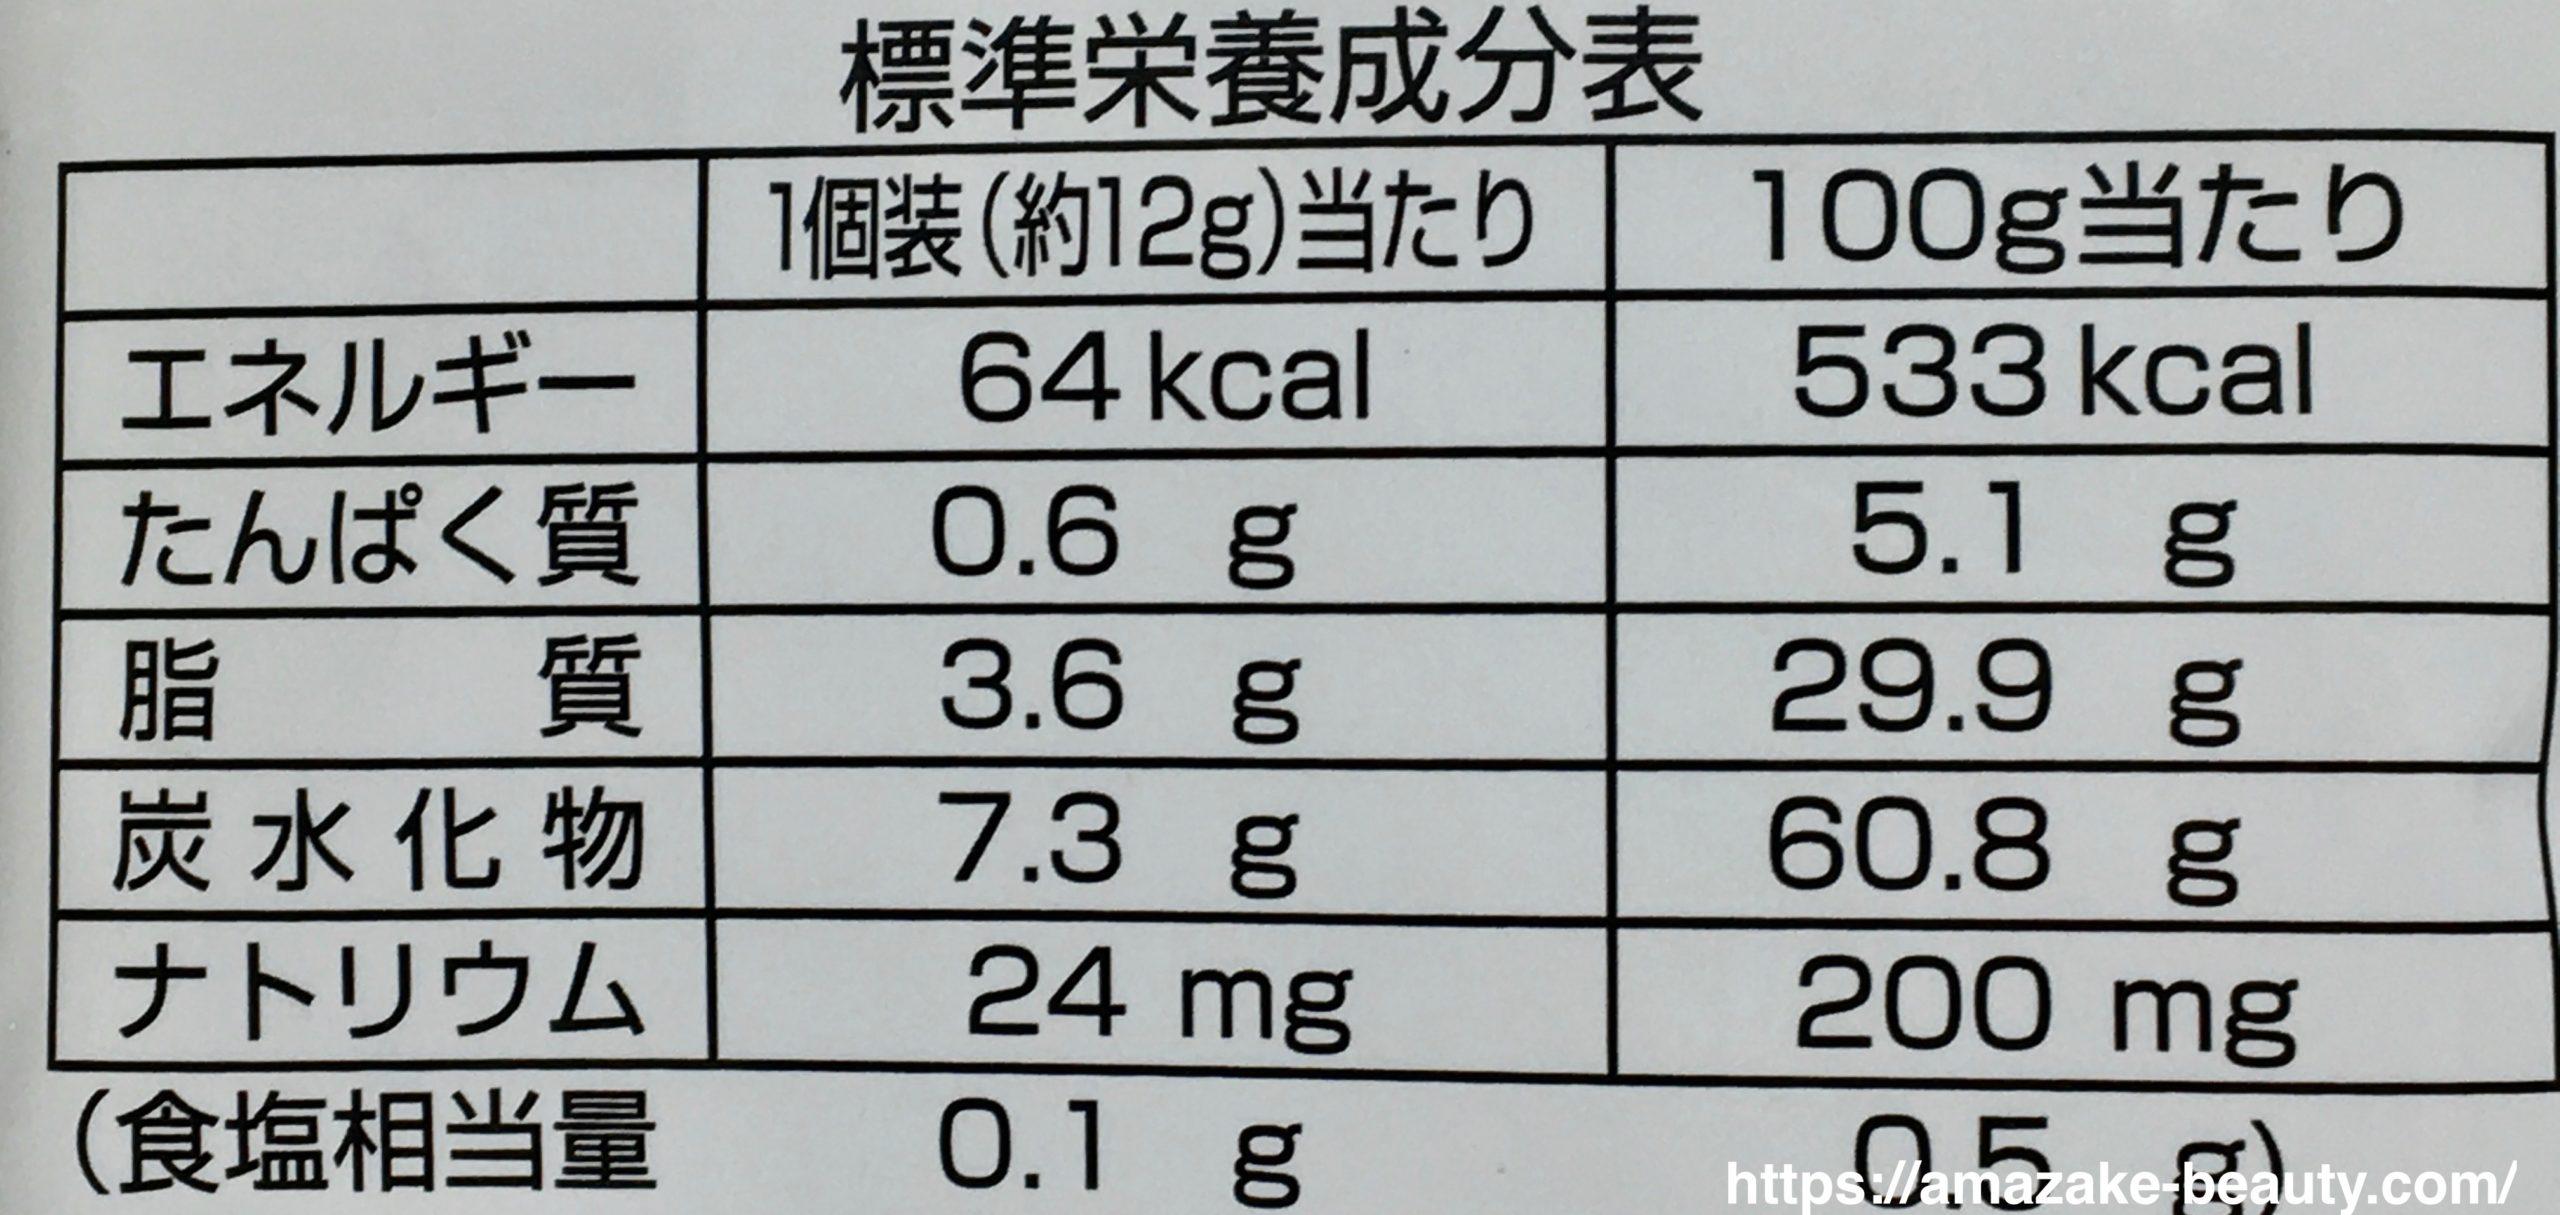 越後製菓×大関コラボ 『ふんわり名人 甘酒仕立て』(栄養成分表示)